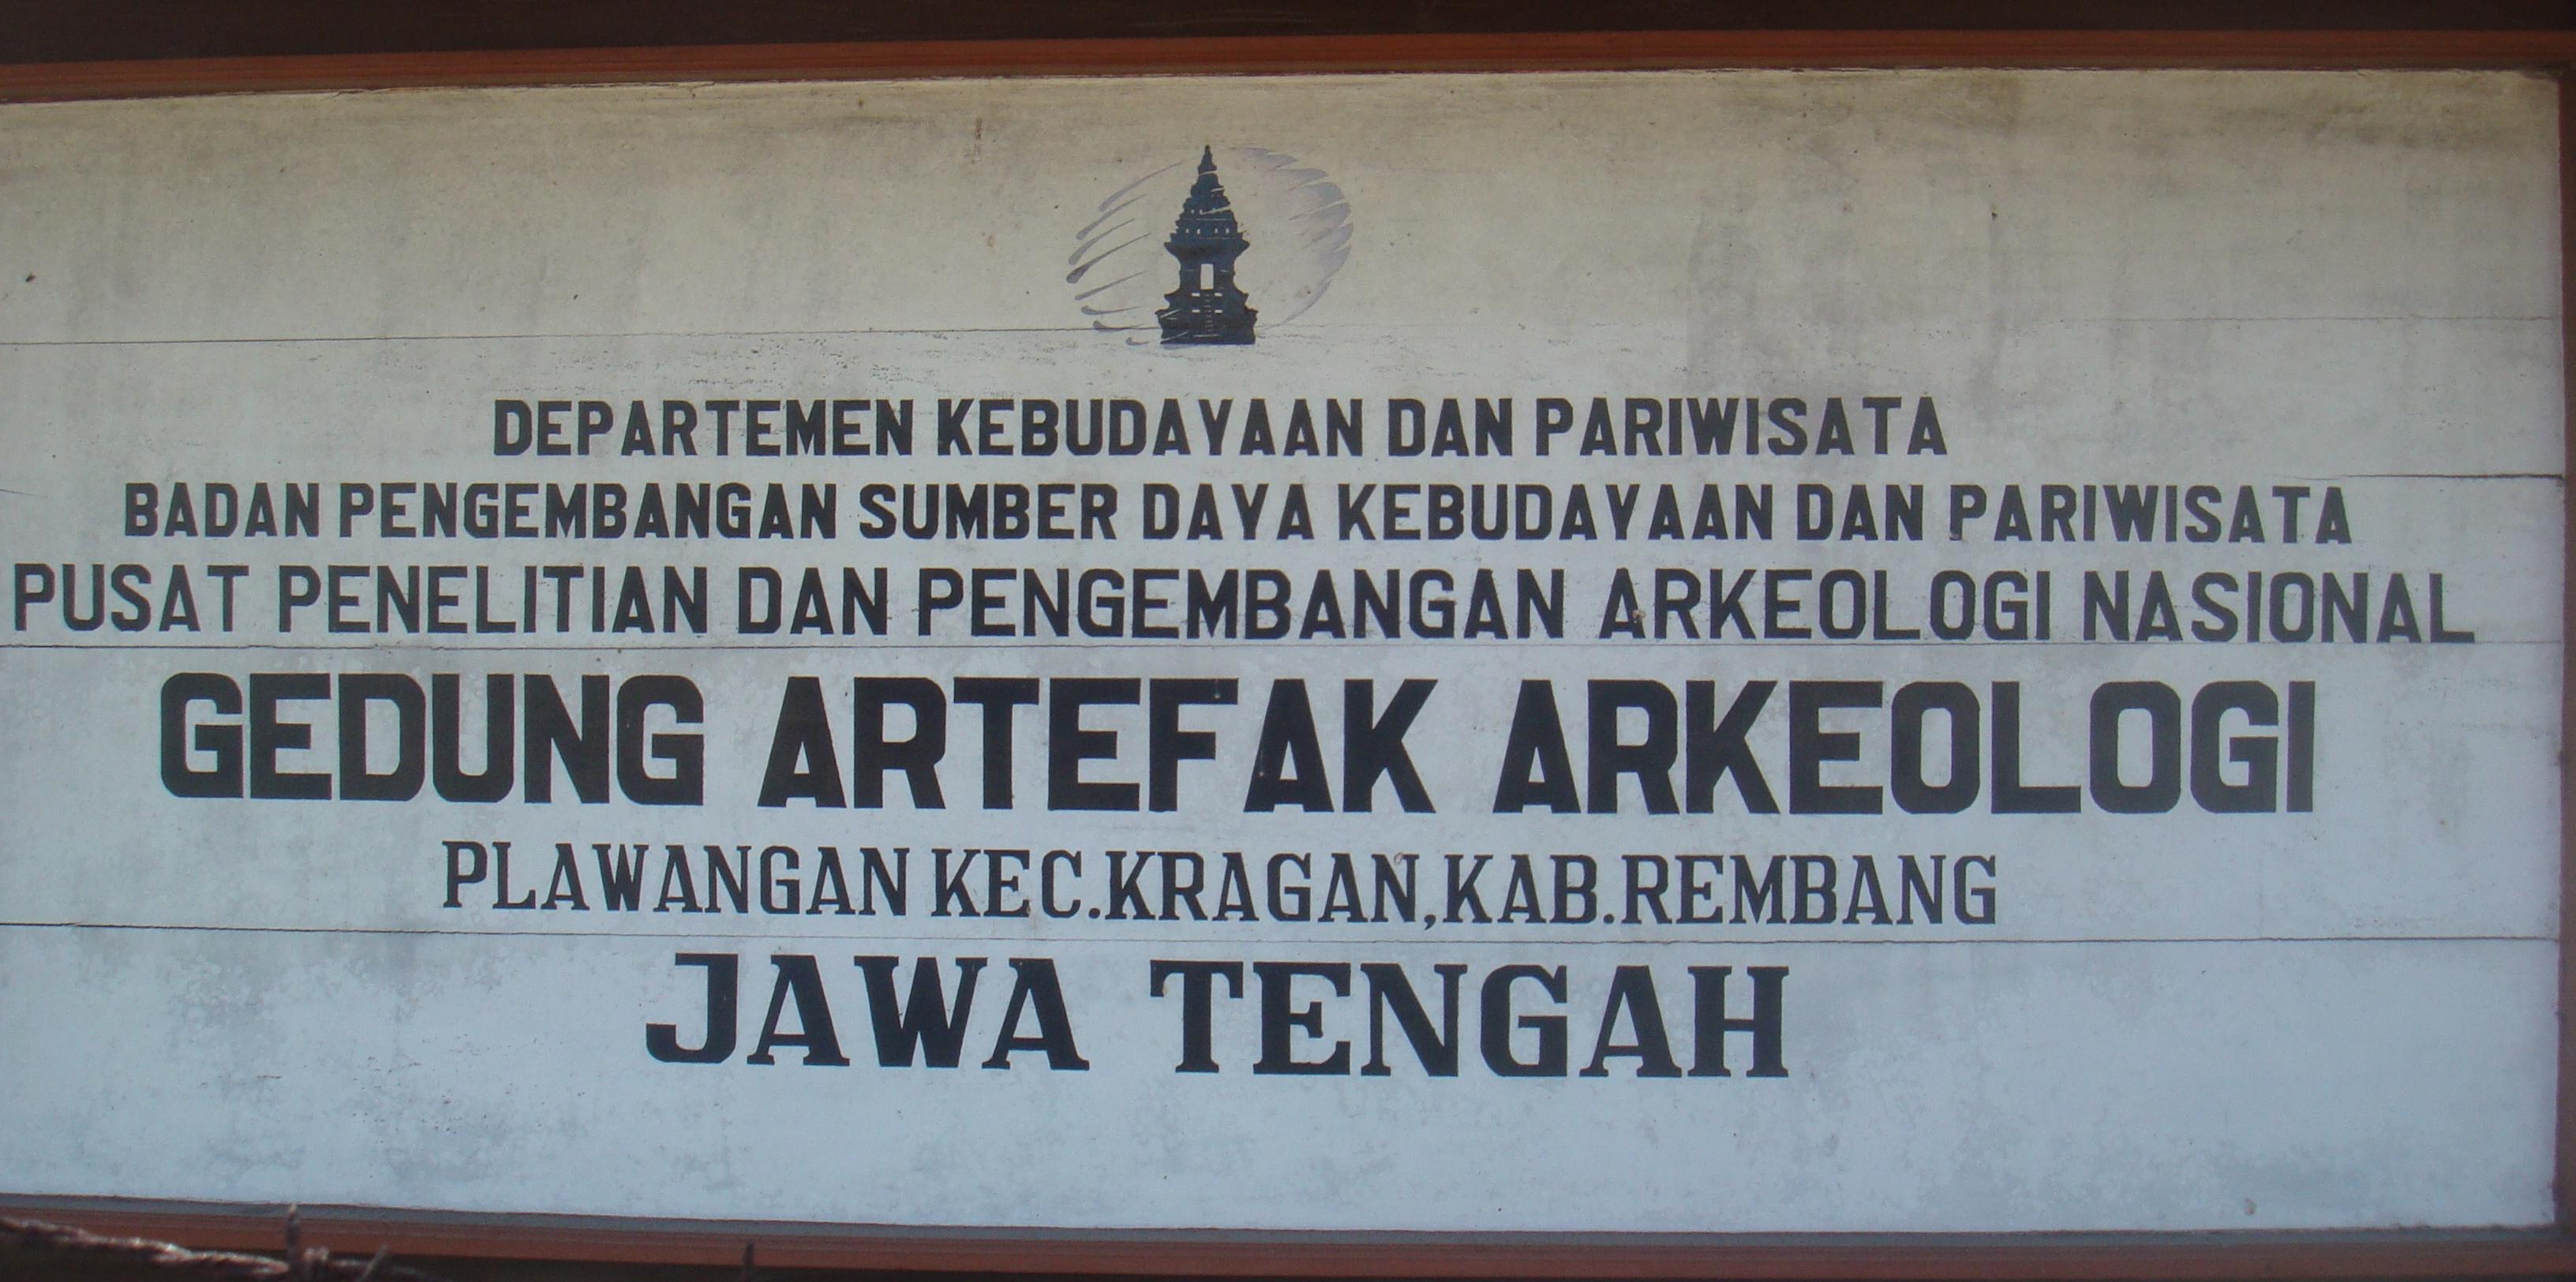 Situs Arkeologis Plawangan Kabupaten Rembang Berita Kragan Terletak Desa Kecamatan